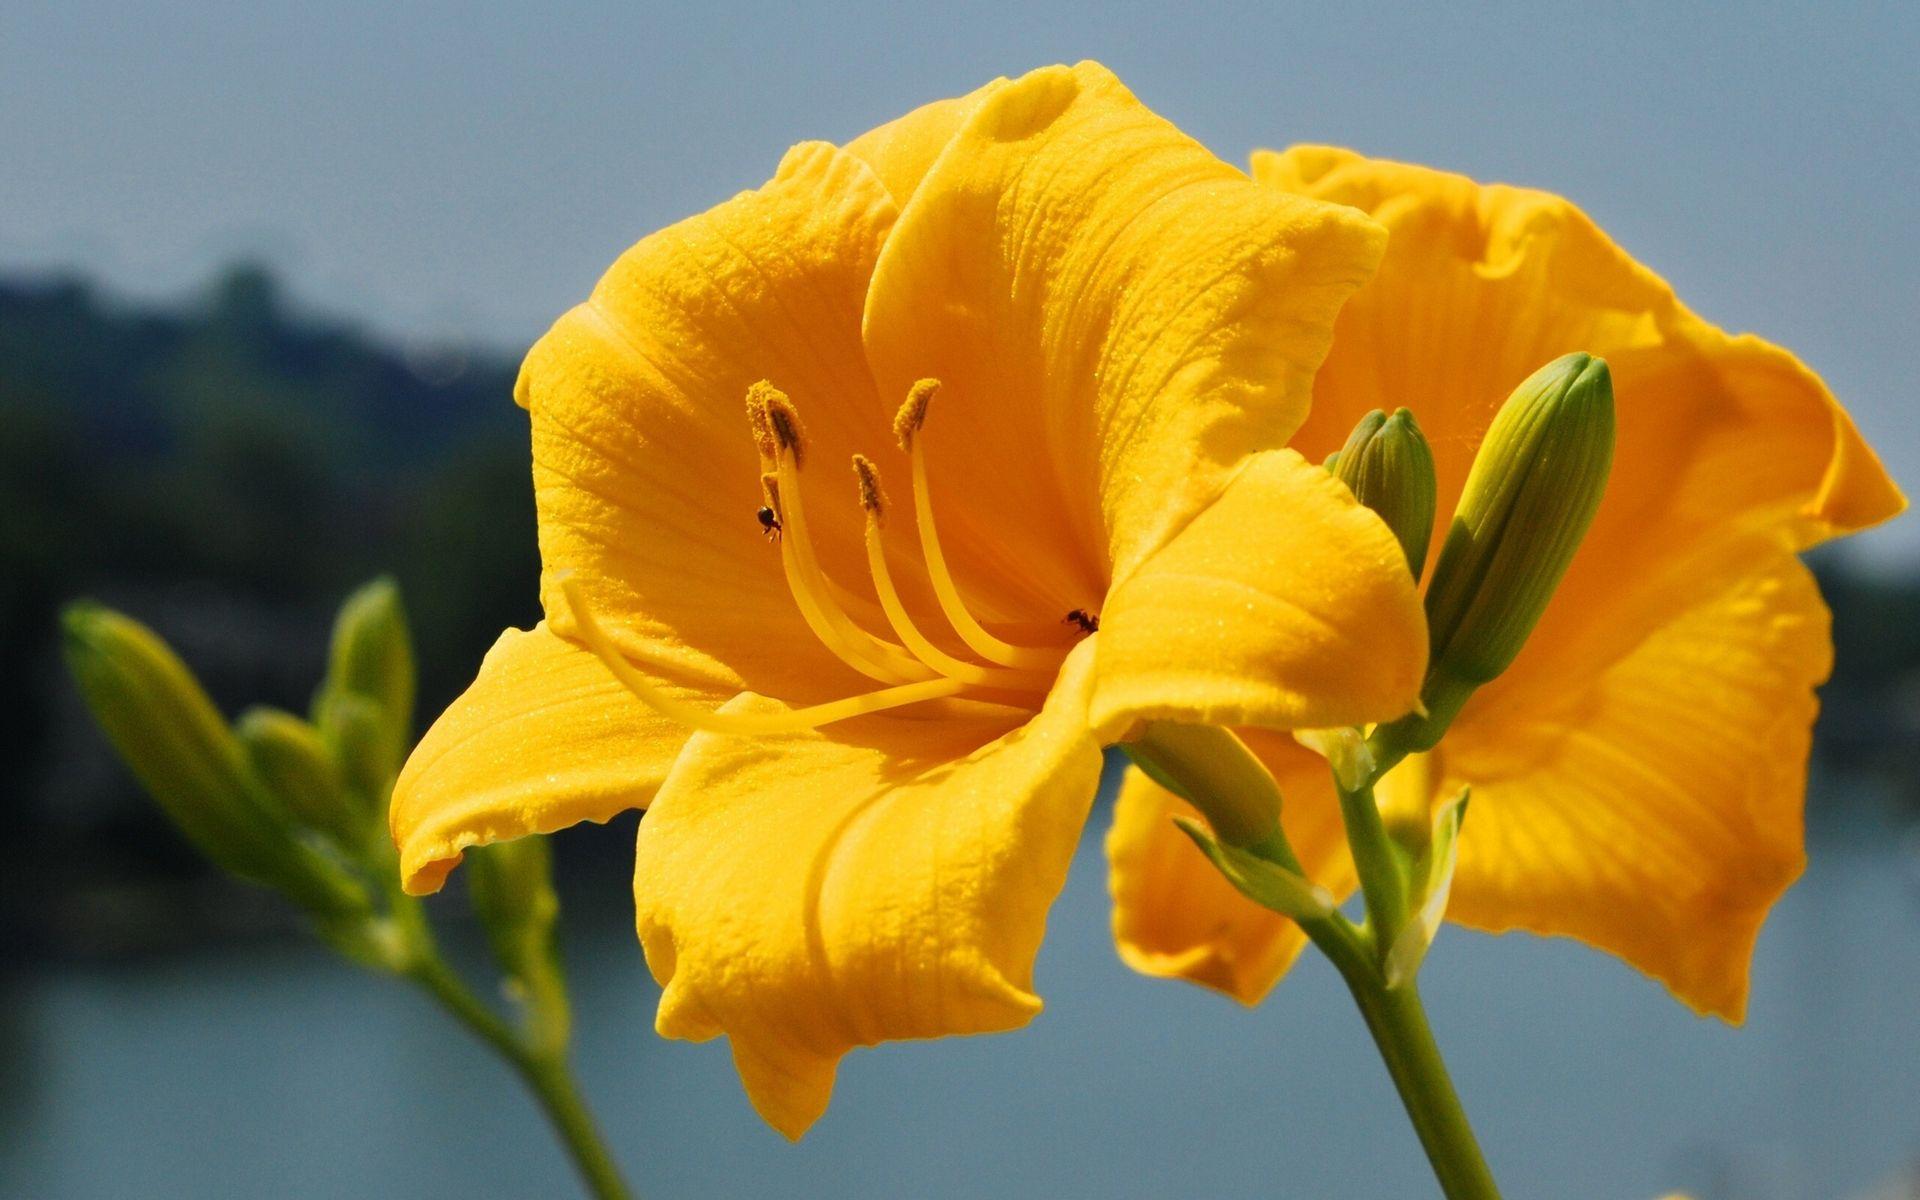 hintergrundbild für handys pflanzen blumen 36154 bild